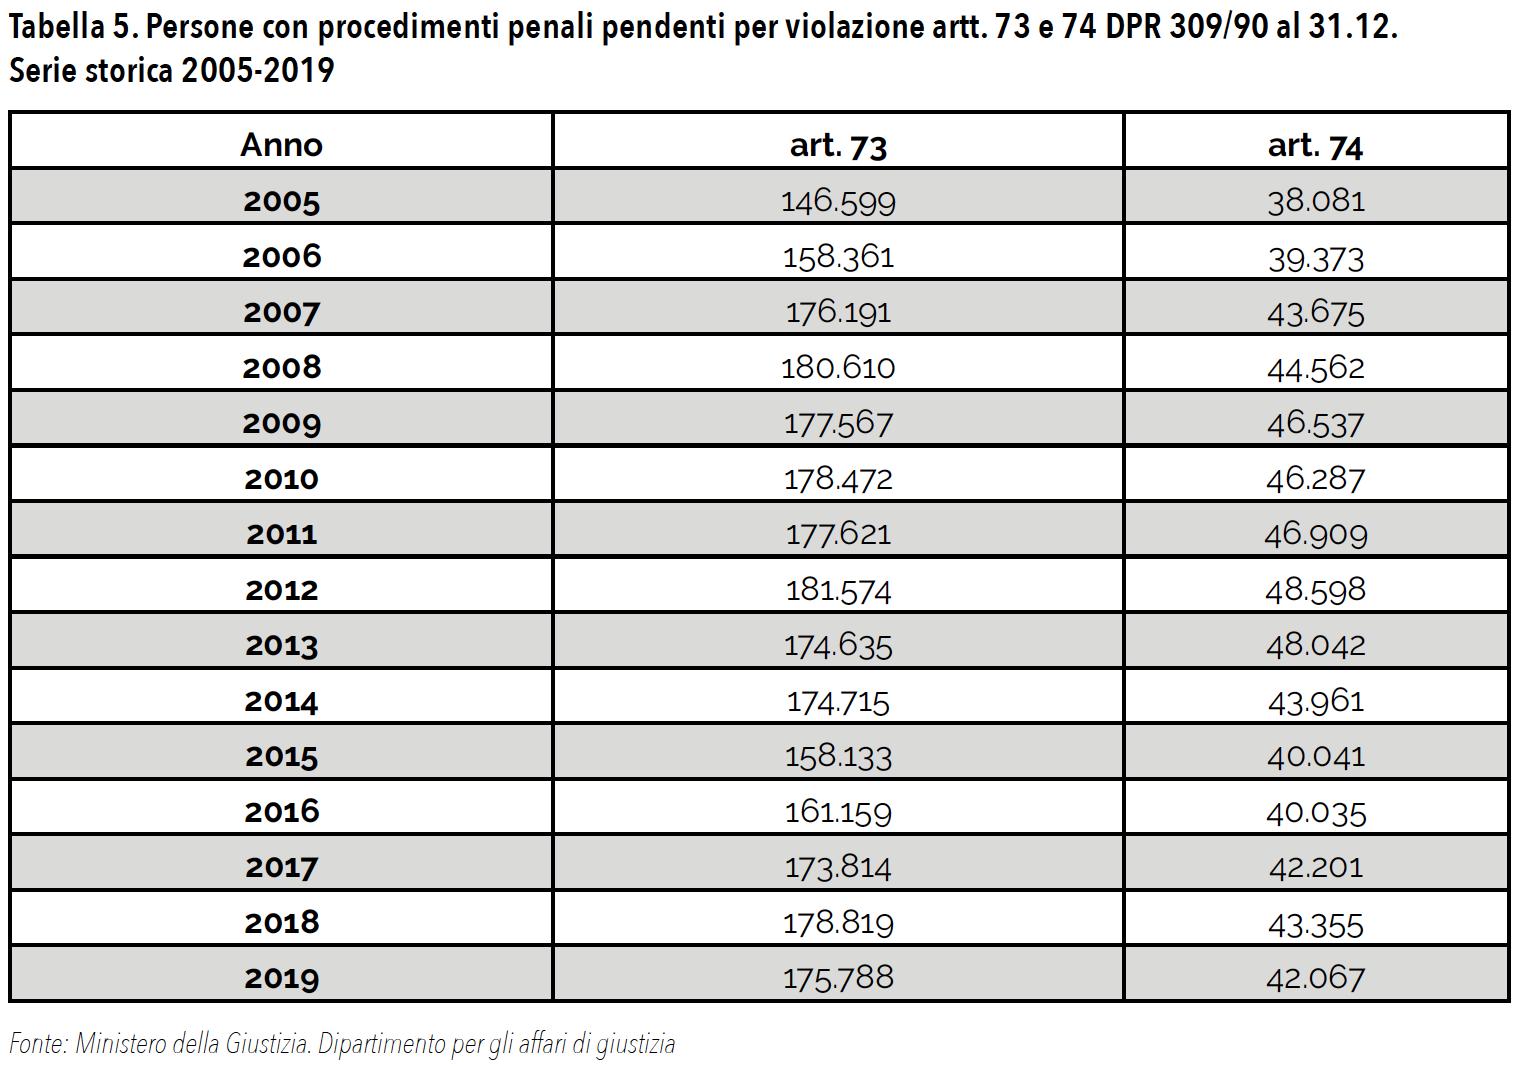 Tabella 5. Persone con procedimenti penali pendenti per violazione artt. 73 e 74 DPR 309/90 al 31.12. Serie storica 2005-2019